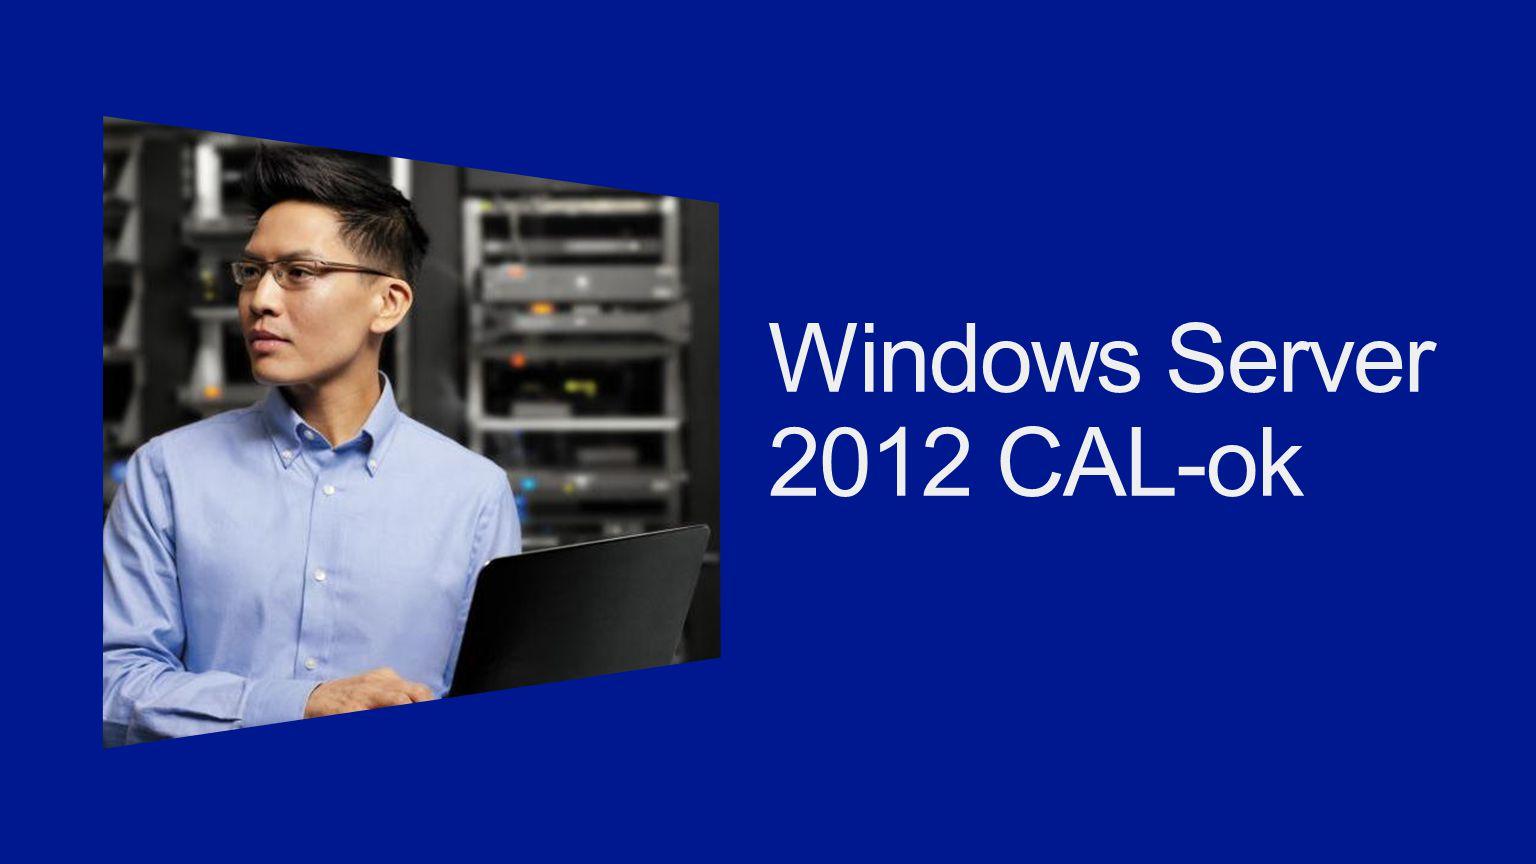 Windows Server 2012 CAL-ok